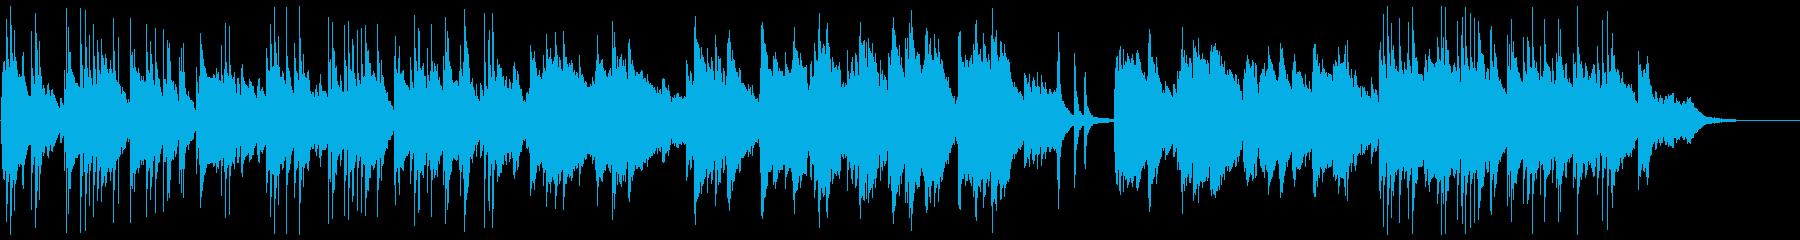 しんみりと温かいBGMの再生済みの波形